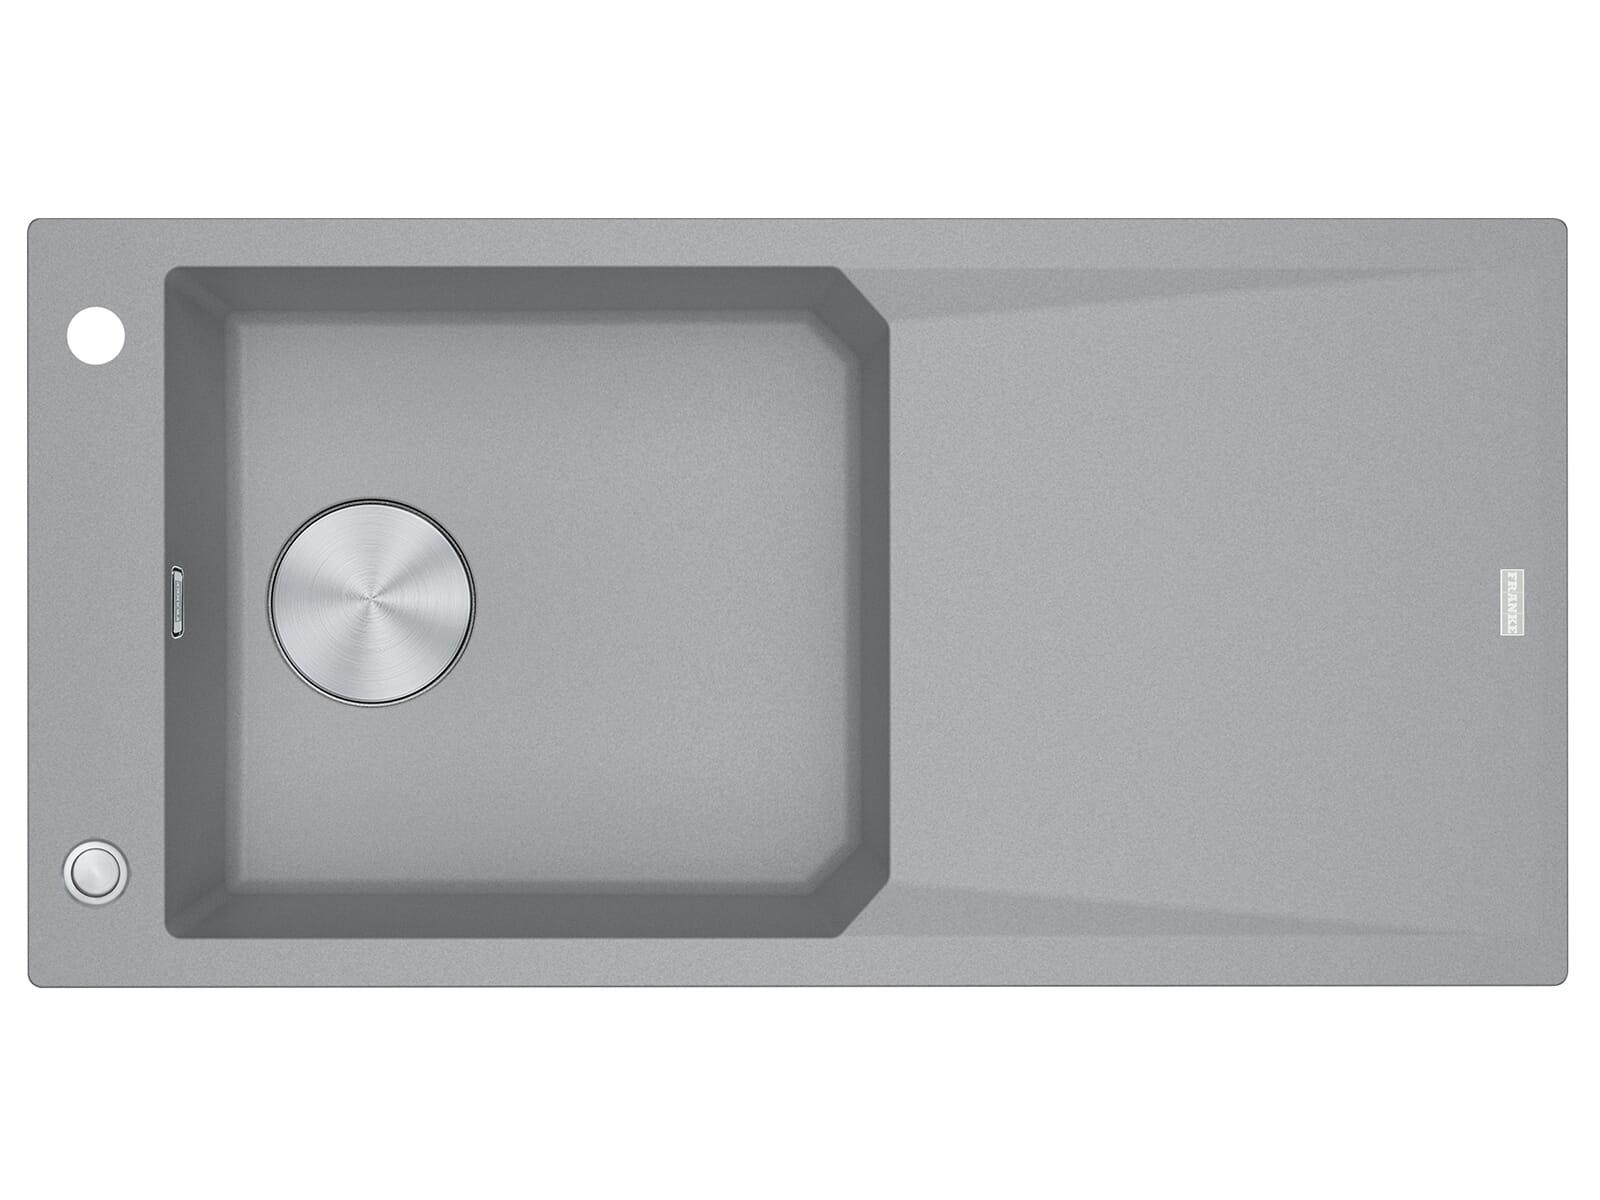 Franke FXG 611-100 Steingrau - 114.0512.362 Granitspüle Exzenterbetätigung